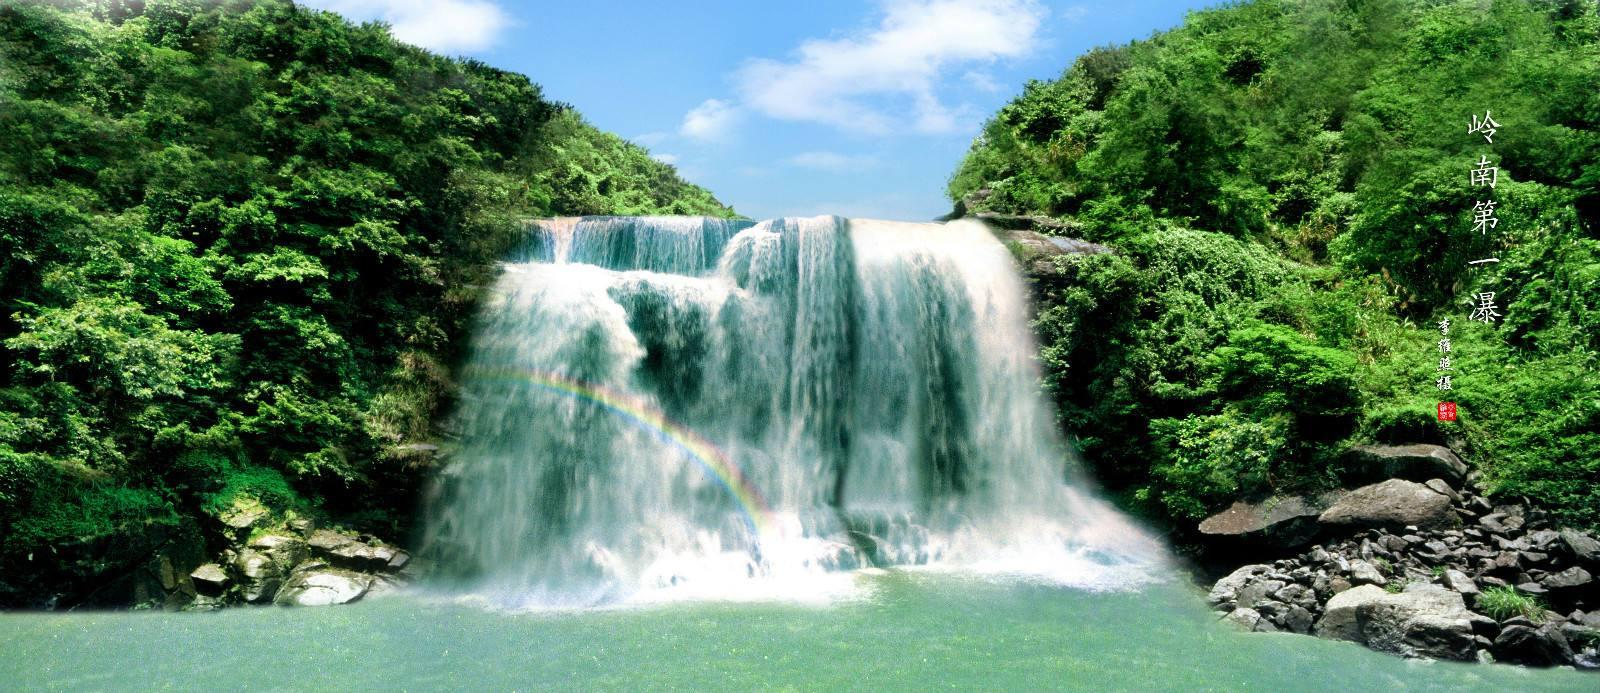 壁纸 风景 旅游 瀑布 山水 桌面 1600_693